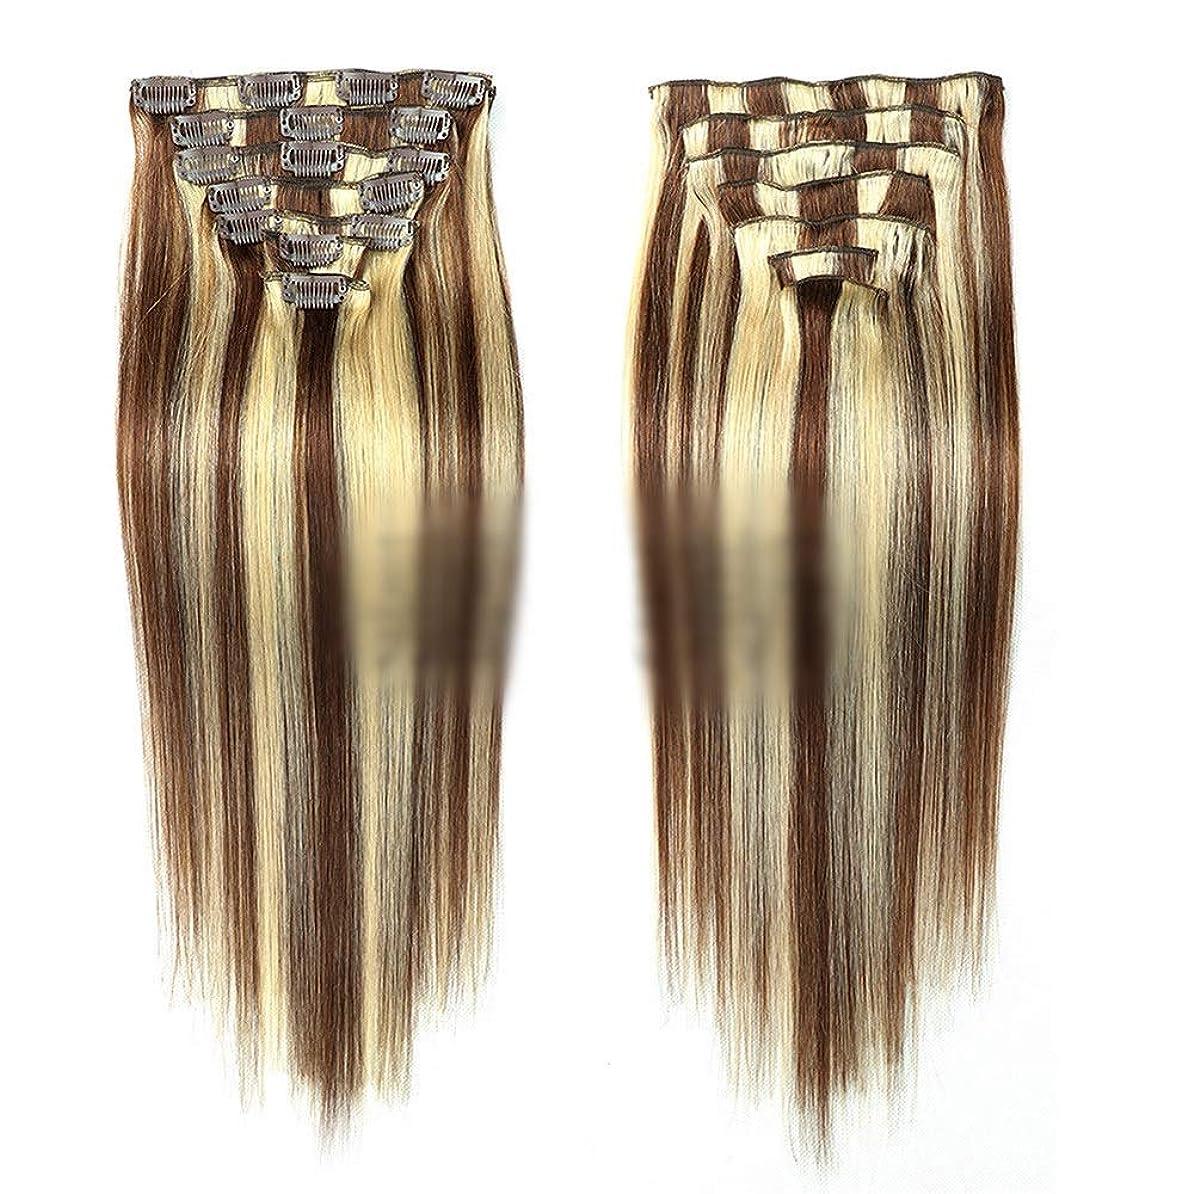 社会鑑定カーペットHOHYLLYA ワンピースヘアエクステンション7個本物のヘアクリップイン - #4/613金髪に褐色のフルヘッド22インチロールプレイングかつら女性の自然なかつら (色 : #4/613)